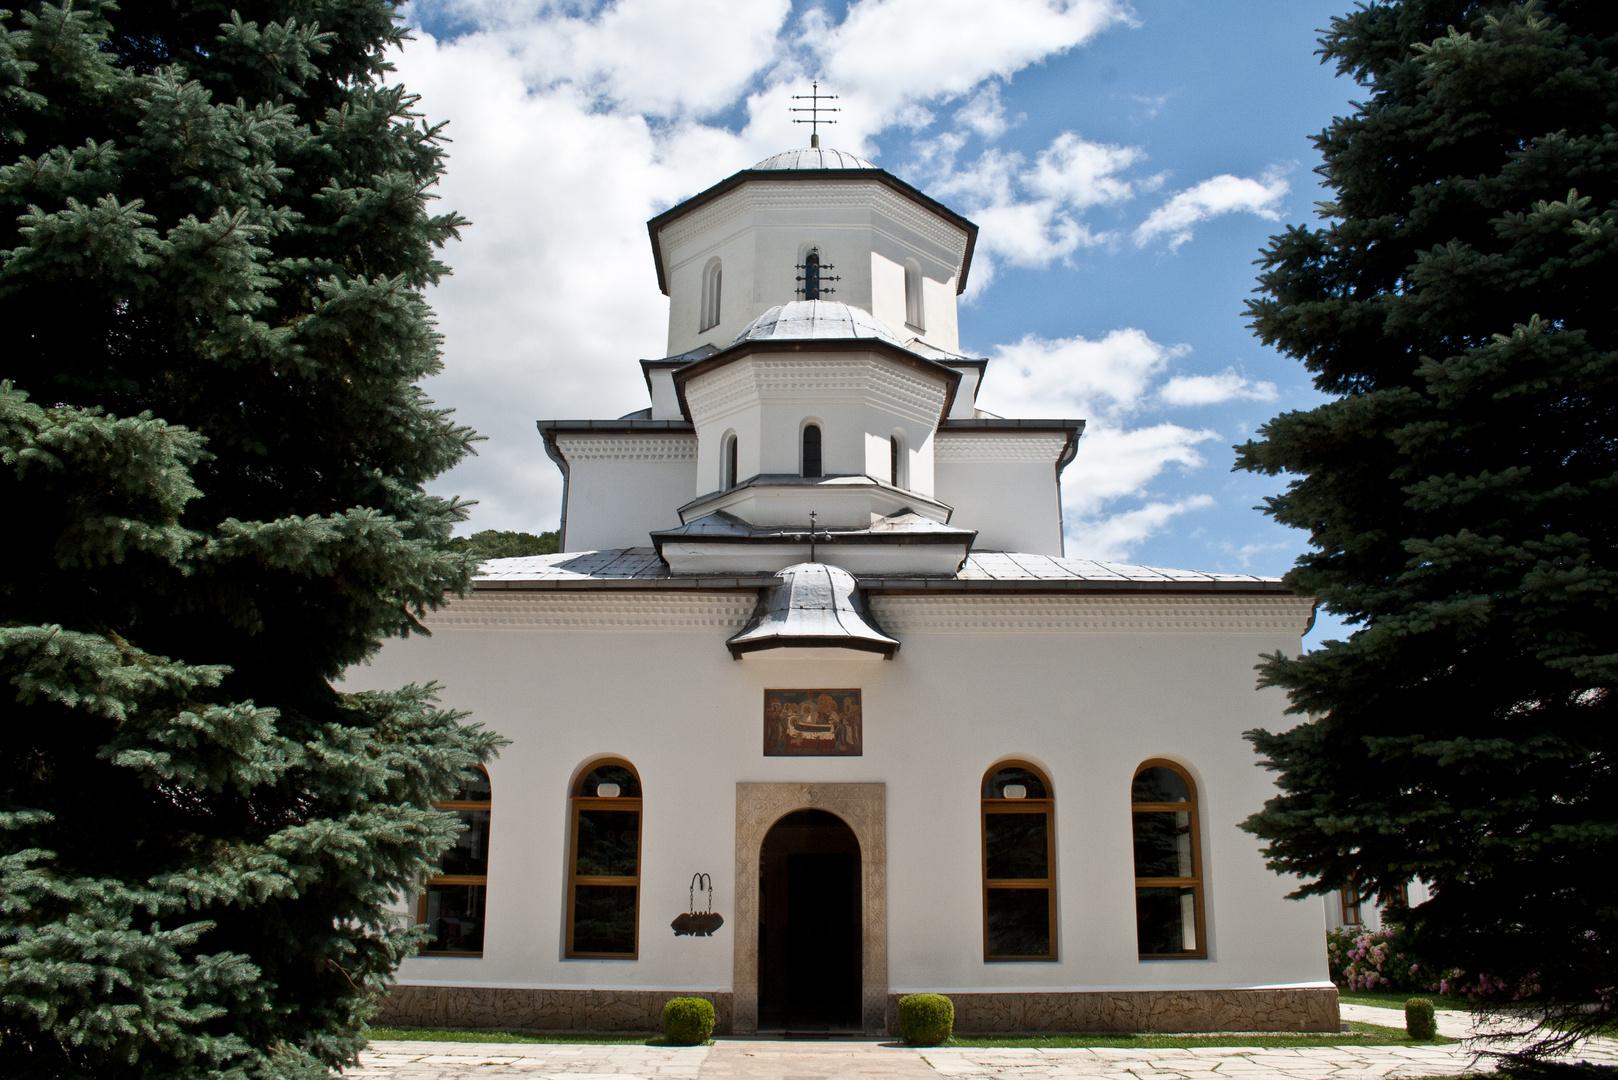 Rumänienrundreise 11 - Kloster Tismana